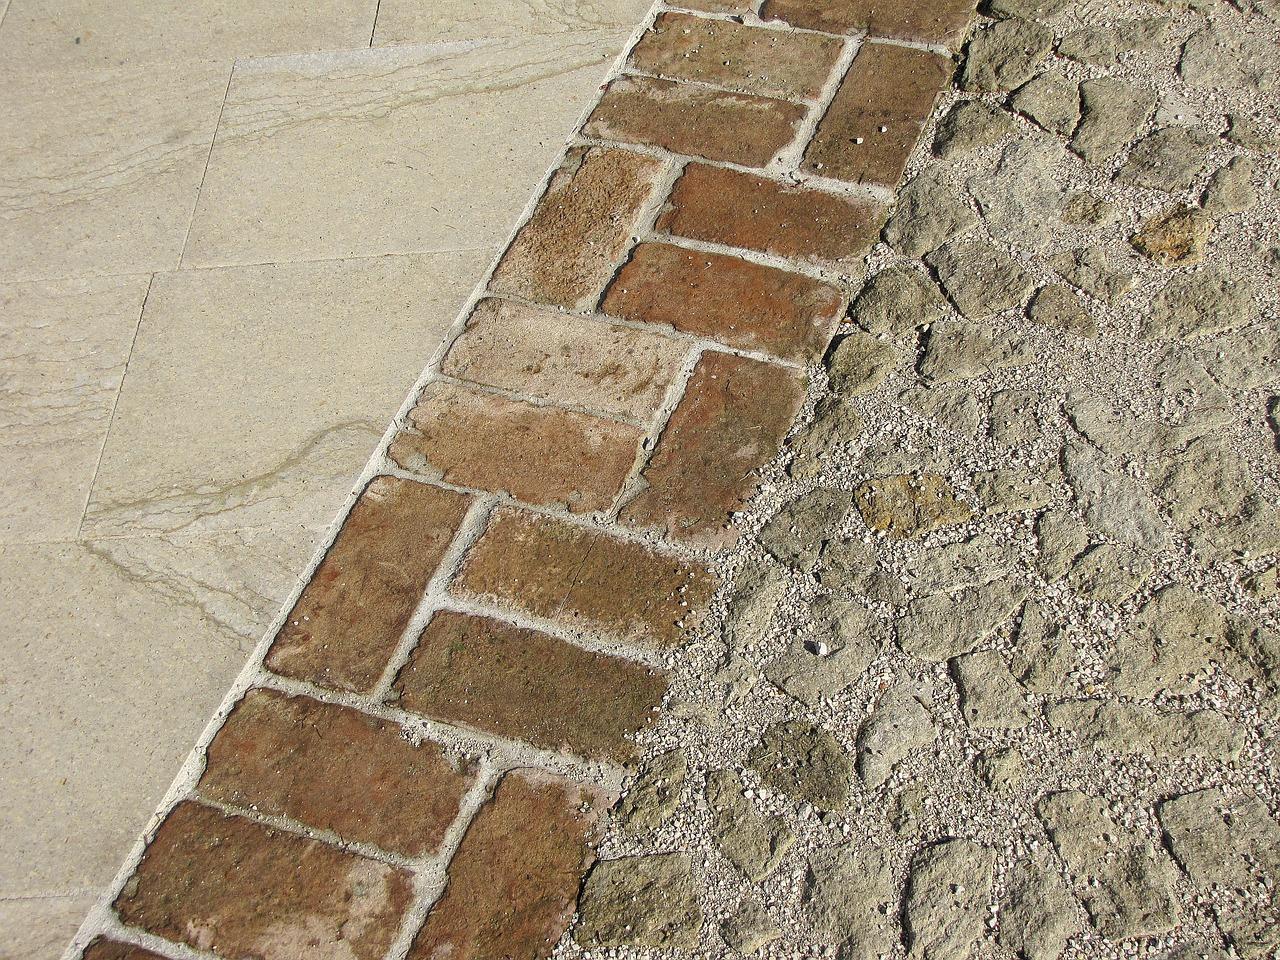 Jak się układa płytki gipsowe, które imitują cegłę, albo kamień?